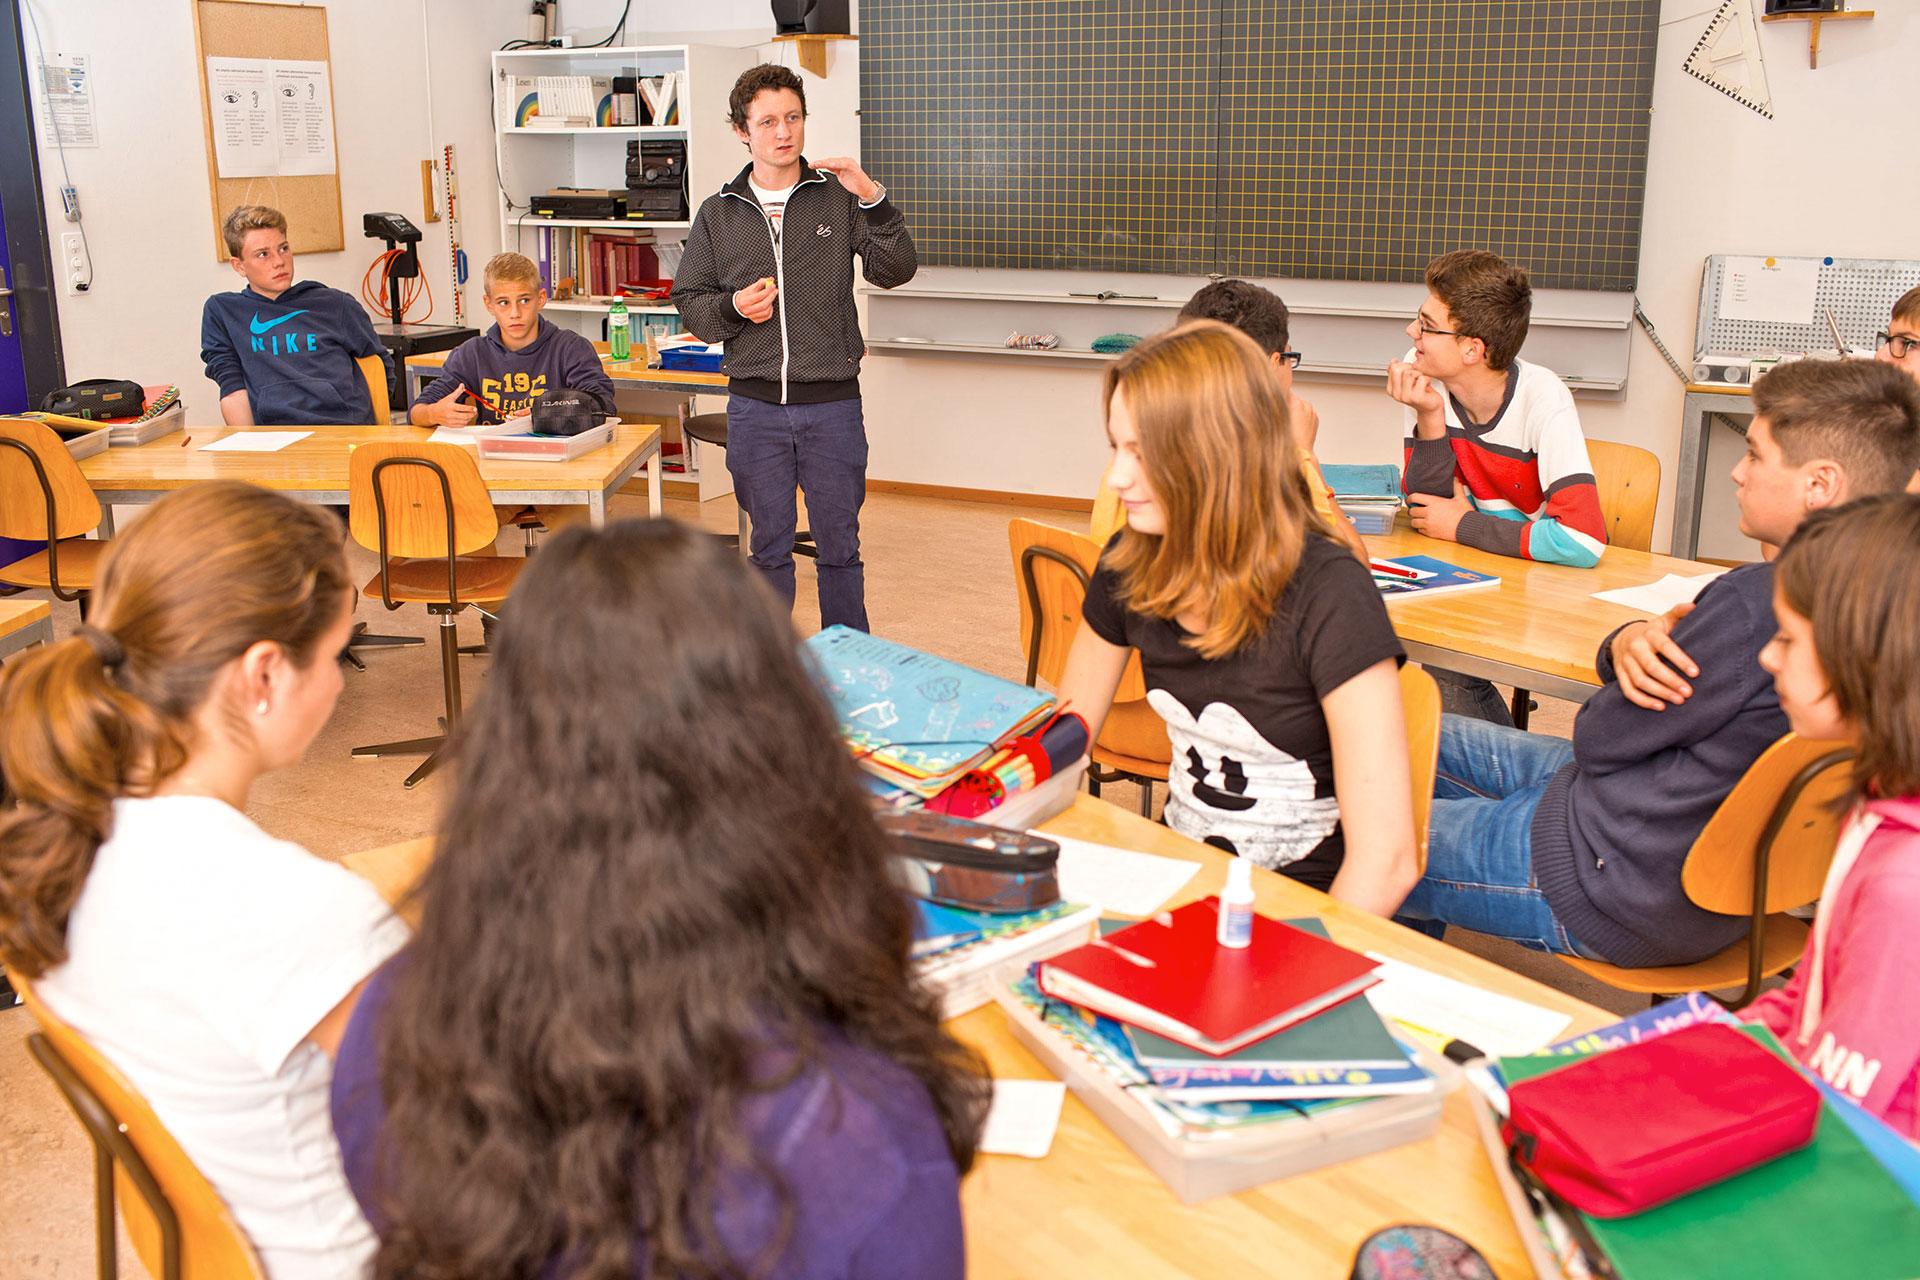 Lehrerin gibt Anweisungen vor der Klasse